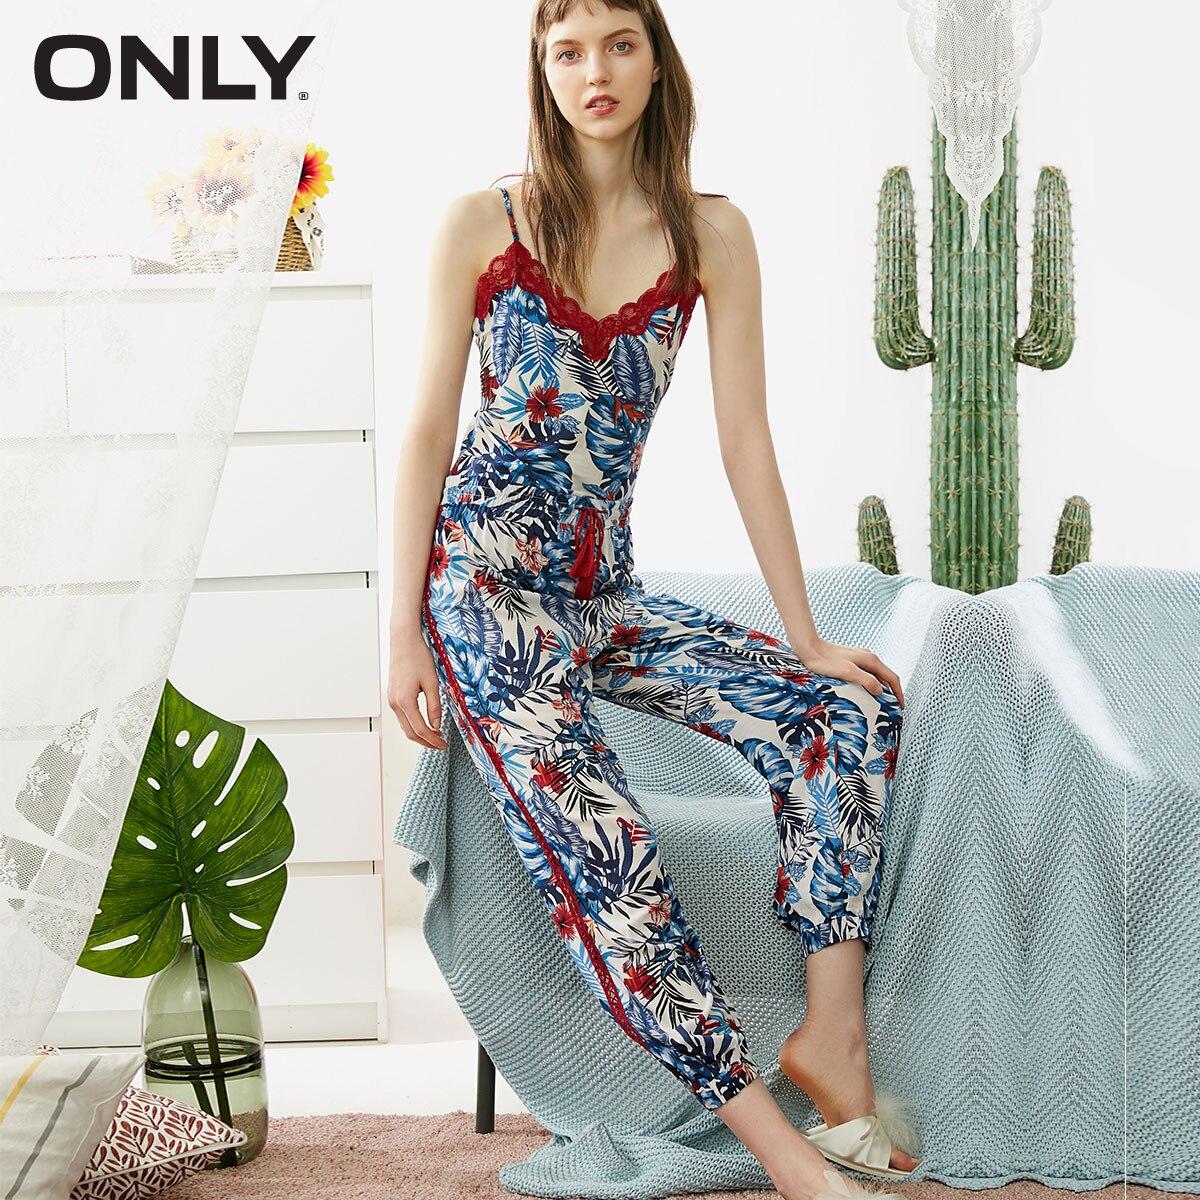 UnabhäNgig Mode Frühling Herbst Floral Print Schlaf Bottoms Weibliche Spitze-up Elastische Taille Lose Lange Hosen Unterwäsche & Schlafanzug